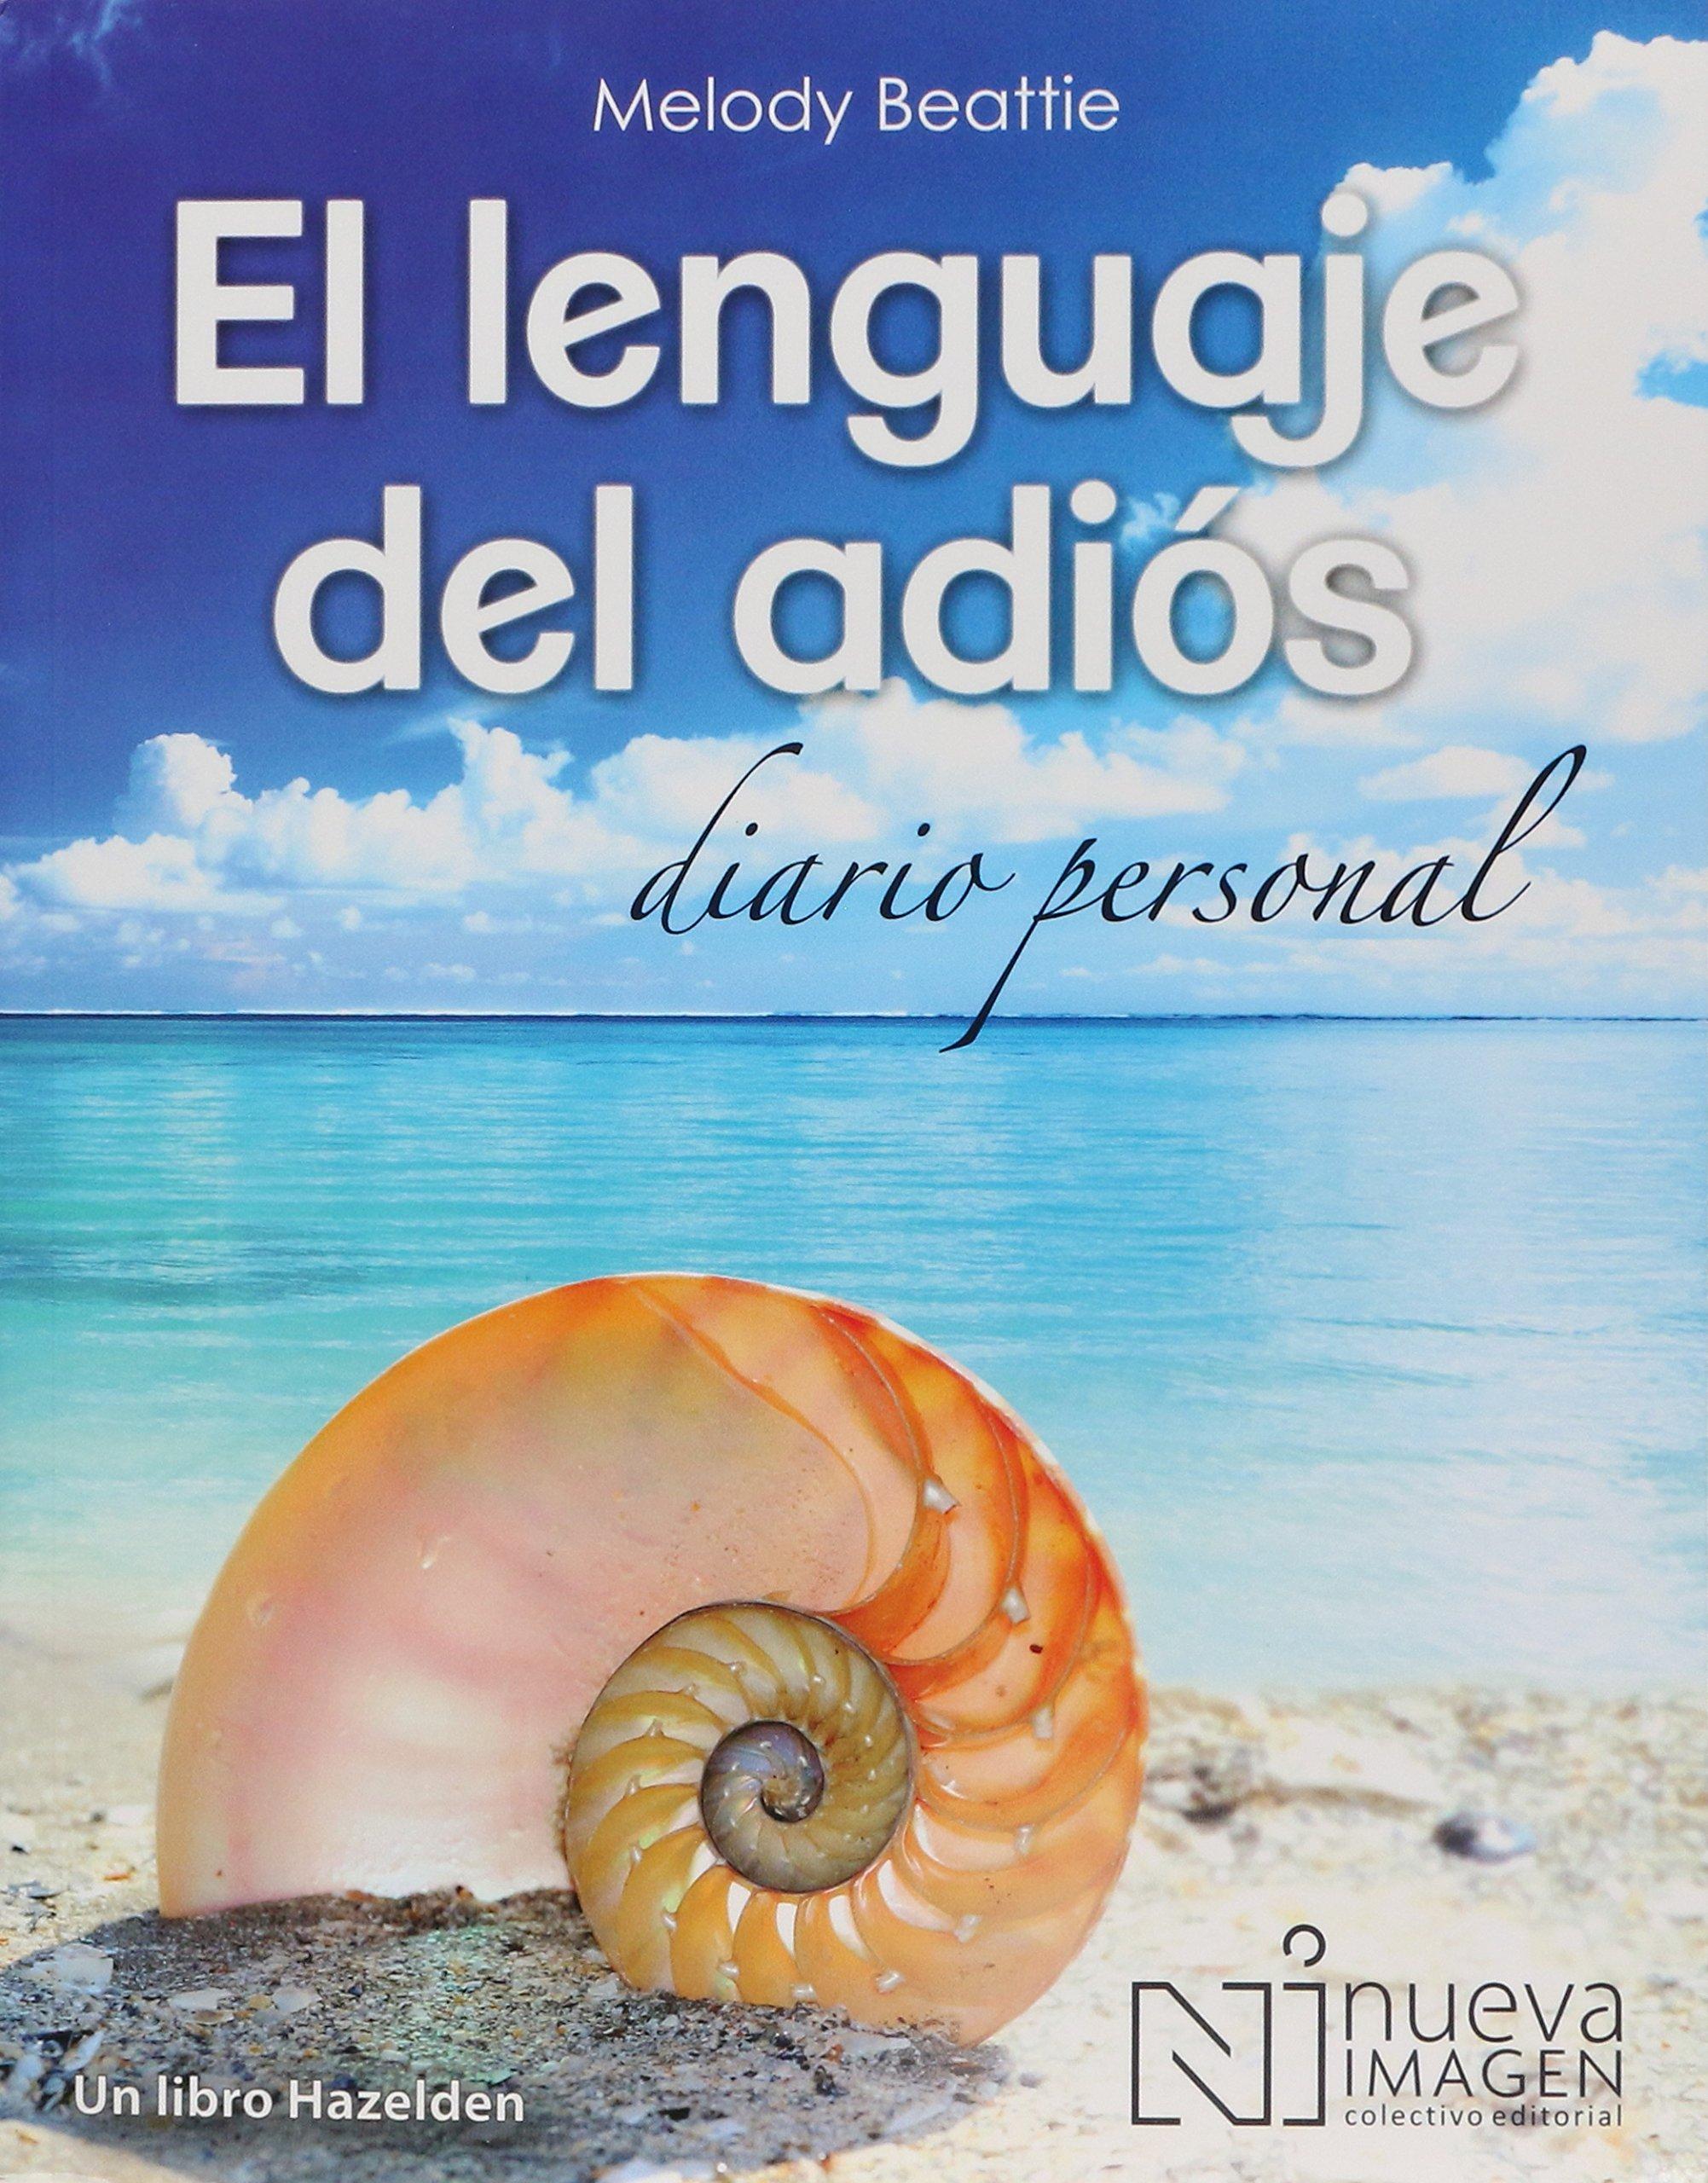 El lenguaje del adiós. Diario personal: Melody Beattie: Amazon.com.mx:  Libros